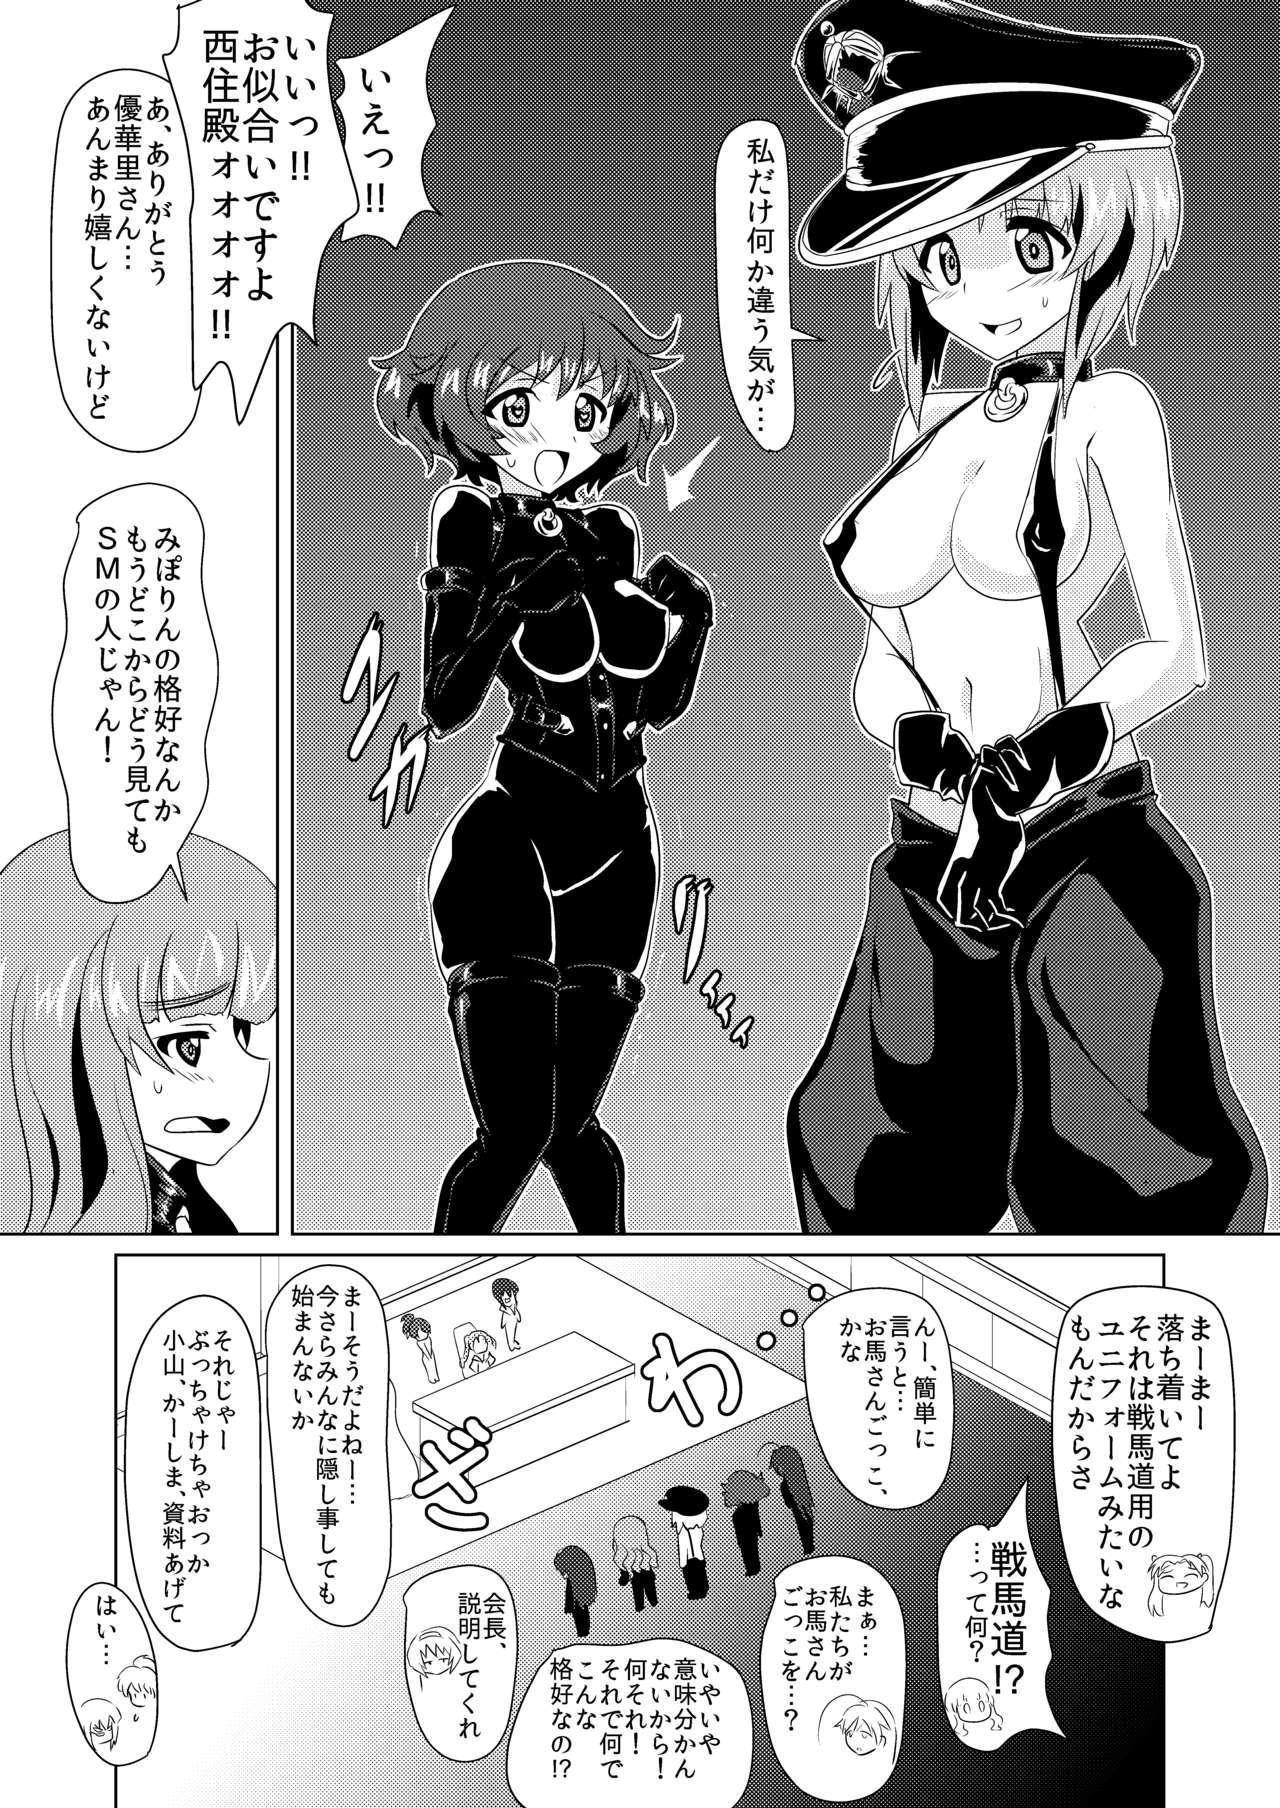 Senbadou, Hajimemasu! 5